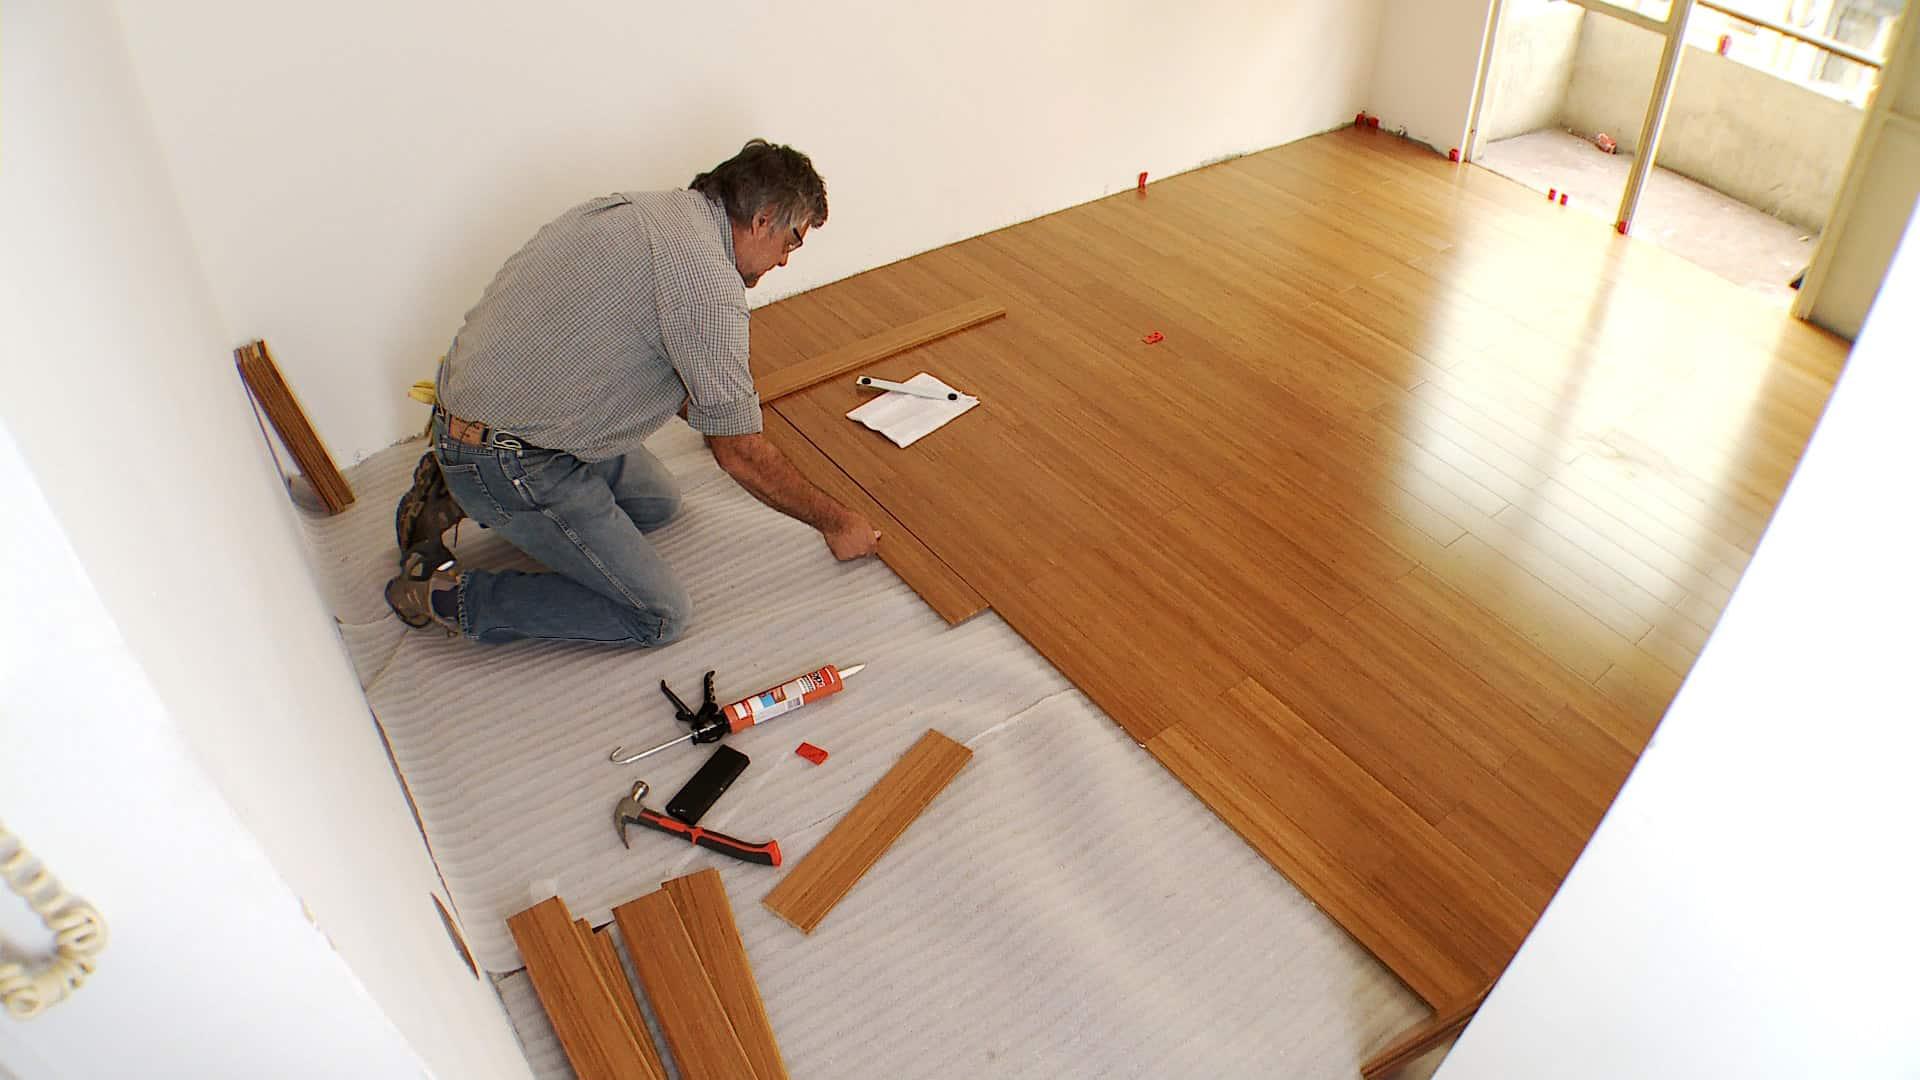 Cmo laminar pisos en fro Consejos esenciales